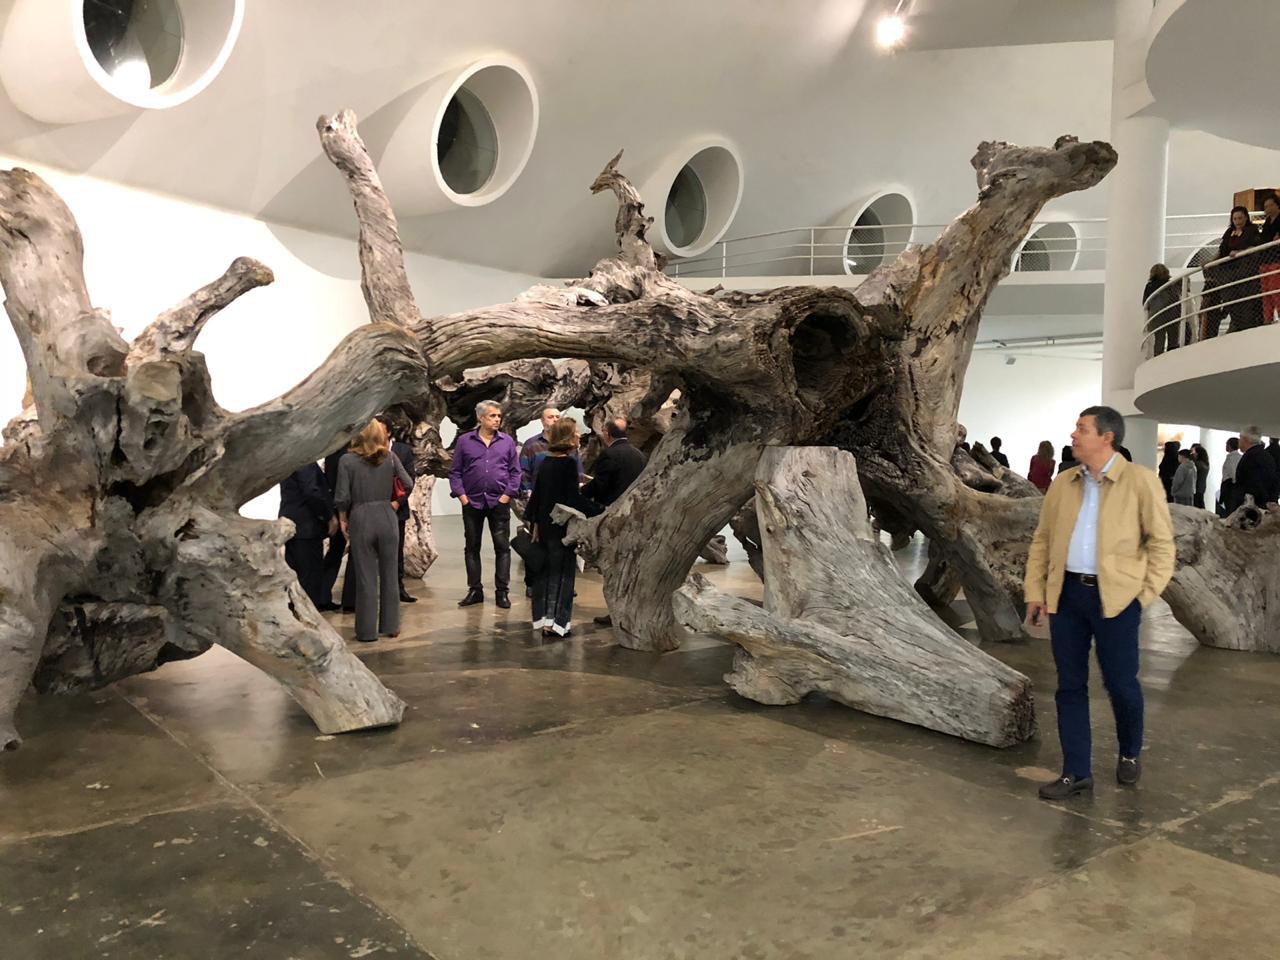 Artista chinês Ai WeiWei estreia maior exposição de sua carreira em São Paulo; mostra contou com a ajuda de artesãos cearenses